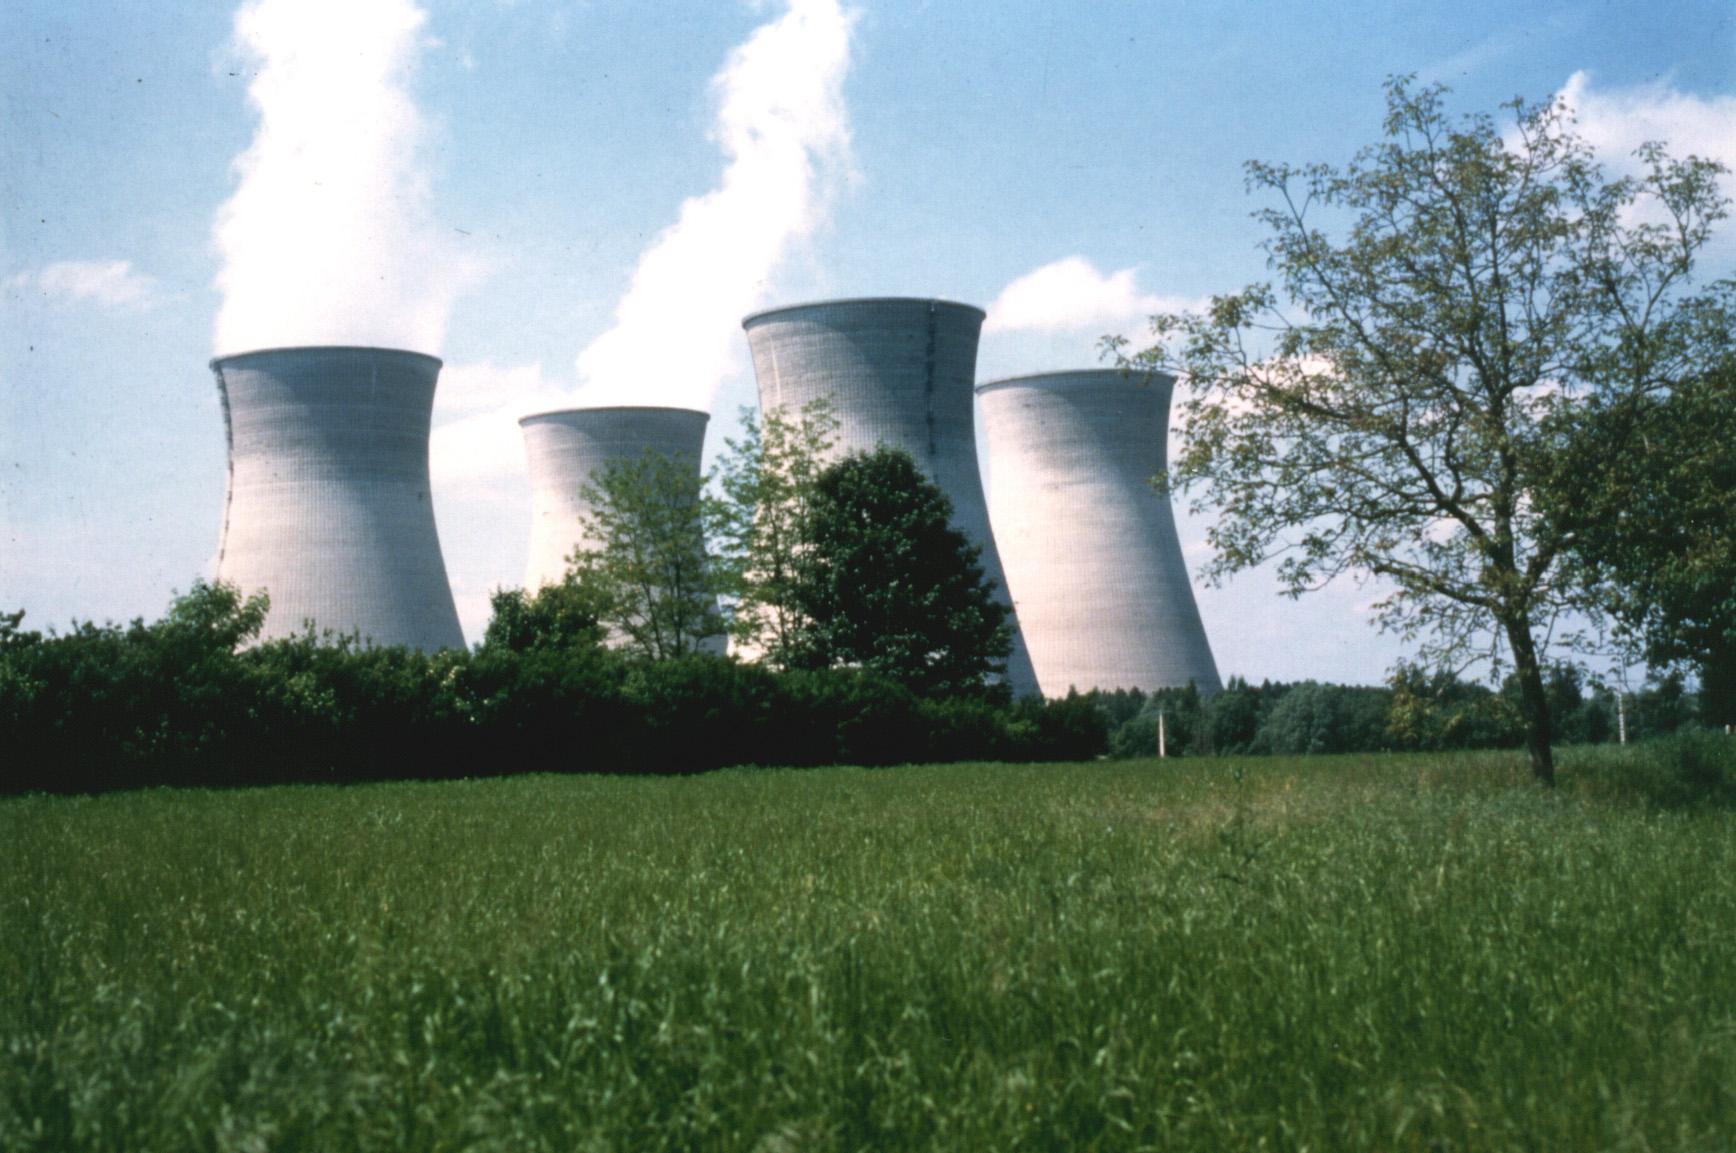 jaderná energie - Opravy kontejnmentu pátého bloku JE Bugey získaly regulační souhlas - Ve světě (bugey france npp 1 20140909 1863713158) 3